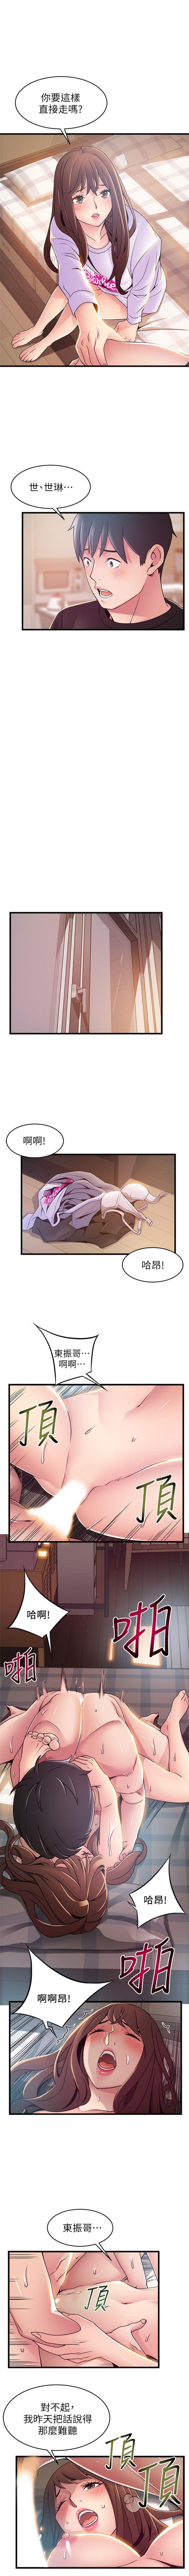 弱點 1-107 官方中文(連載中) 580